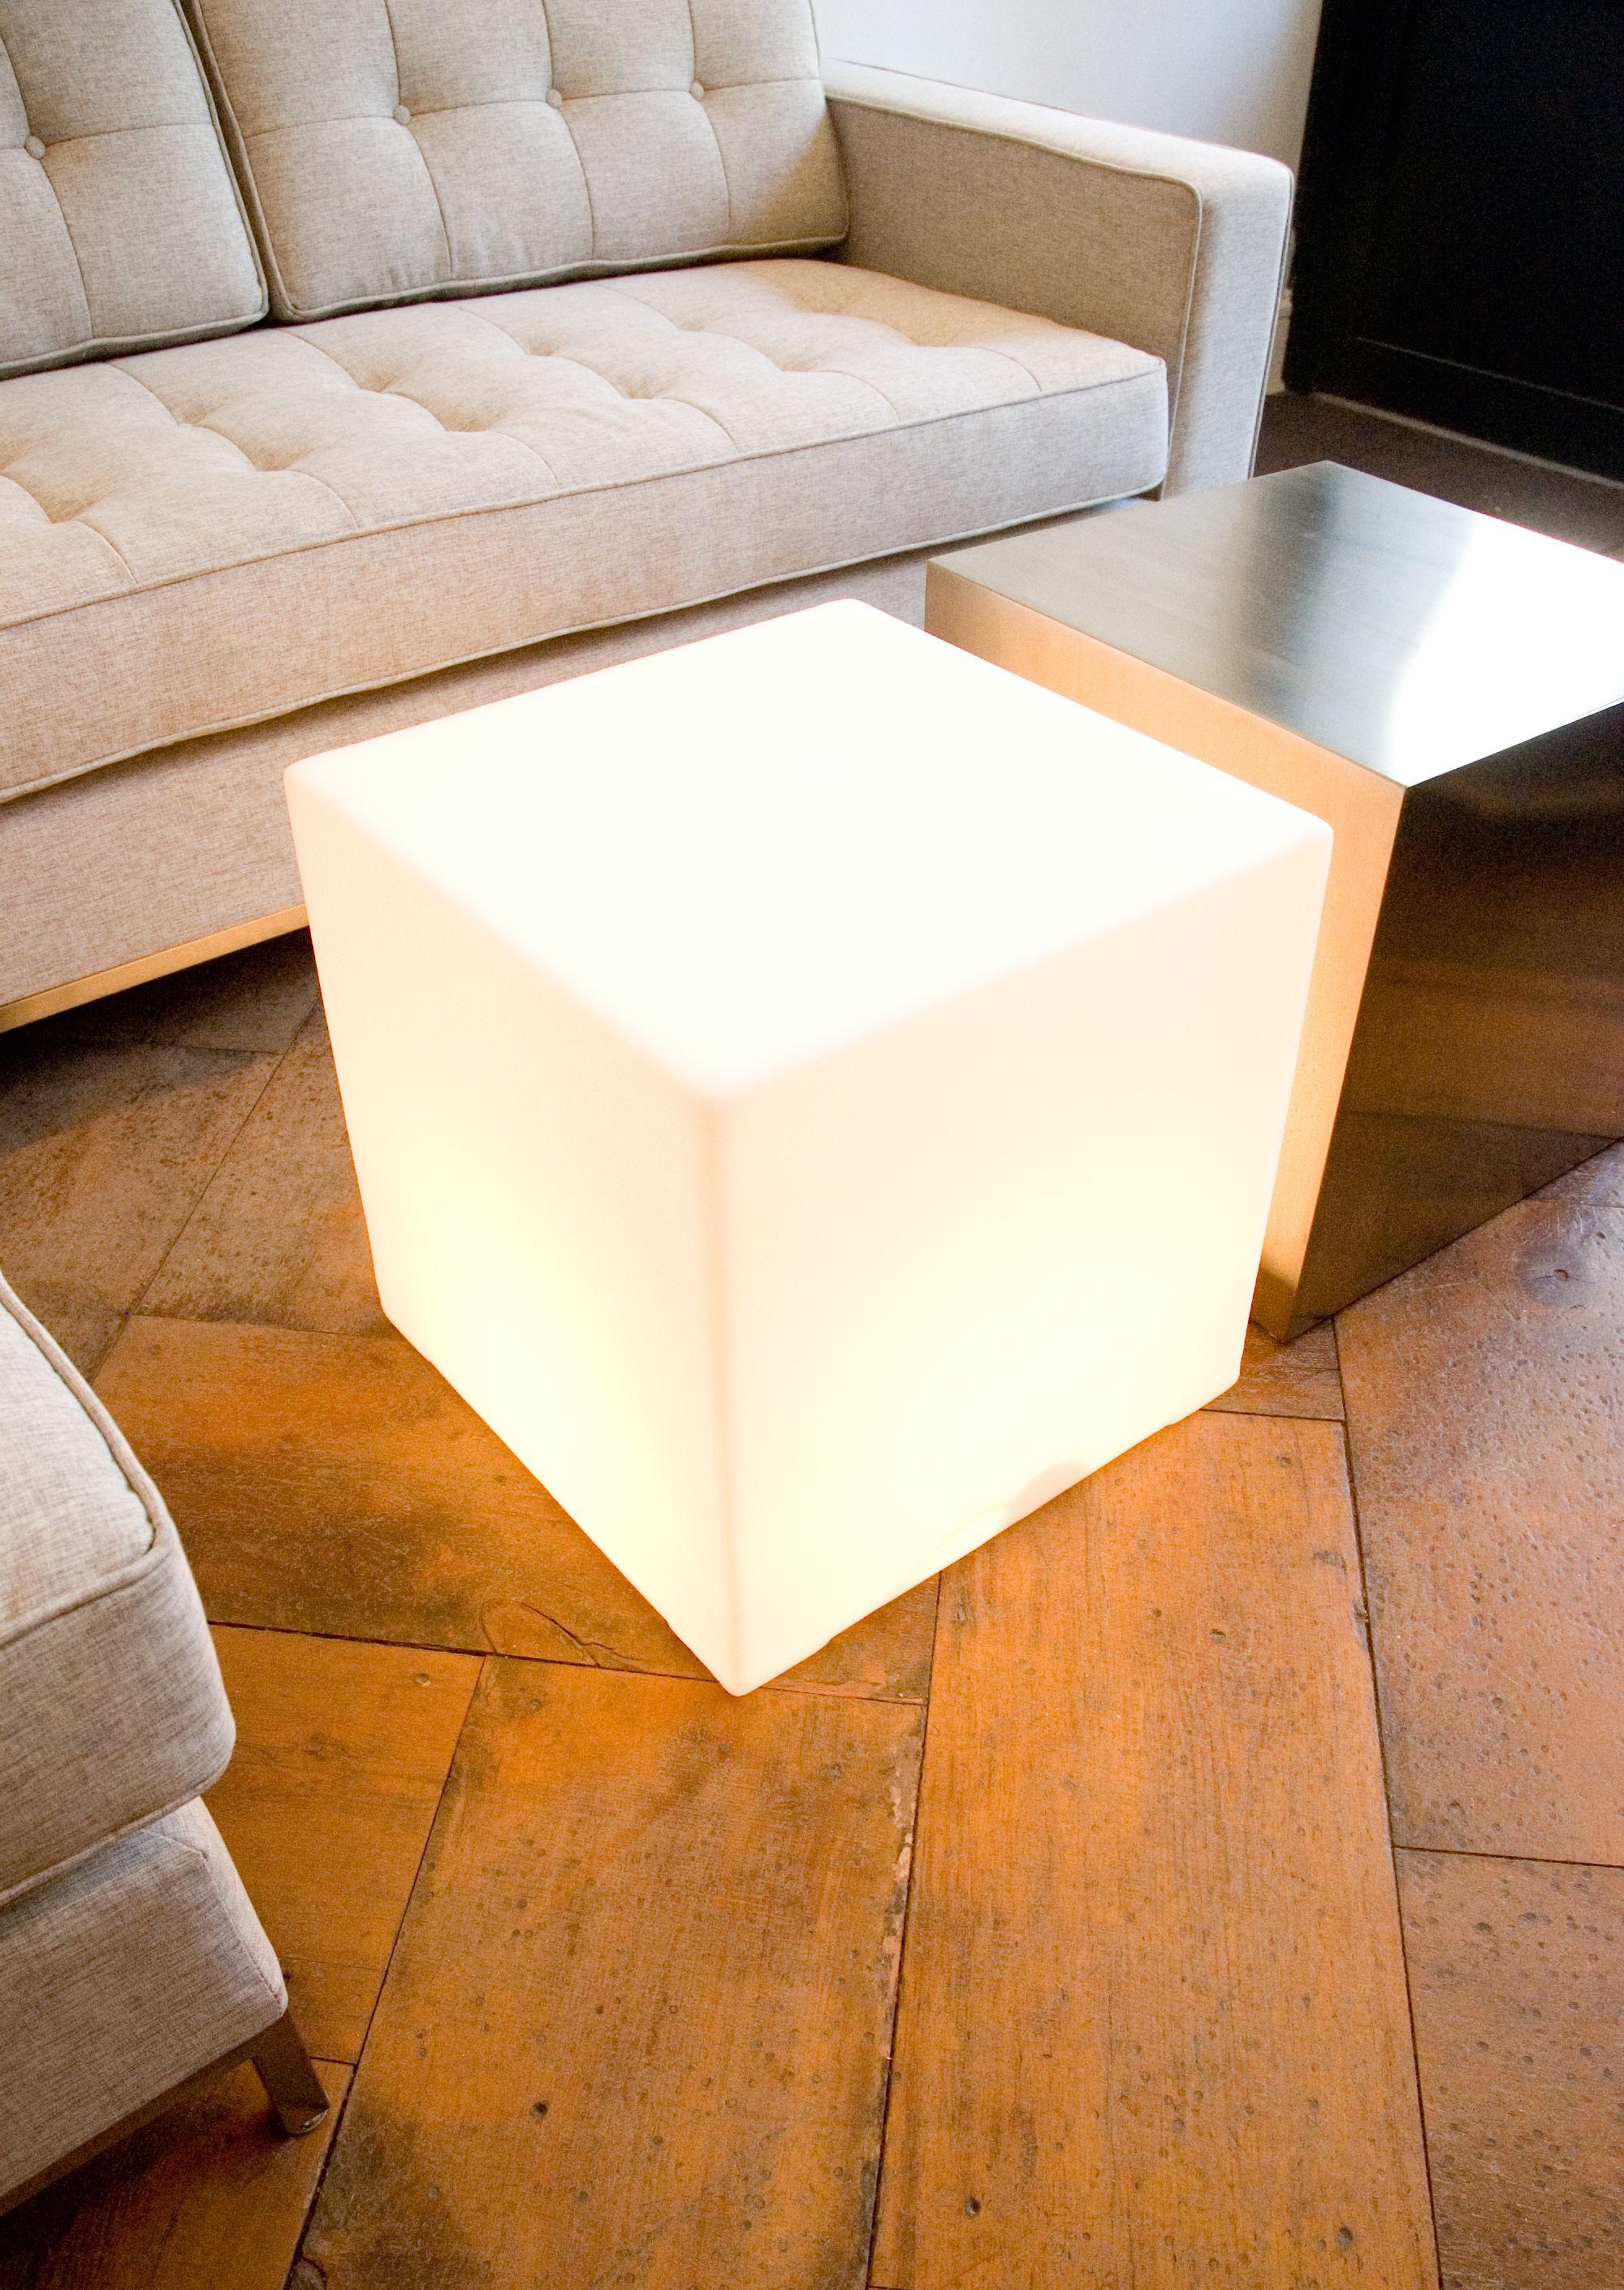 Lightbox Lighting Gus Modern Iluminacion De Fachada Mesas De Cafe Muebles Modernos [ 2820 x 2000 Pixel ]